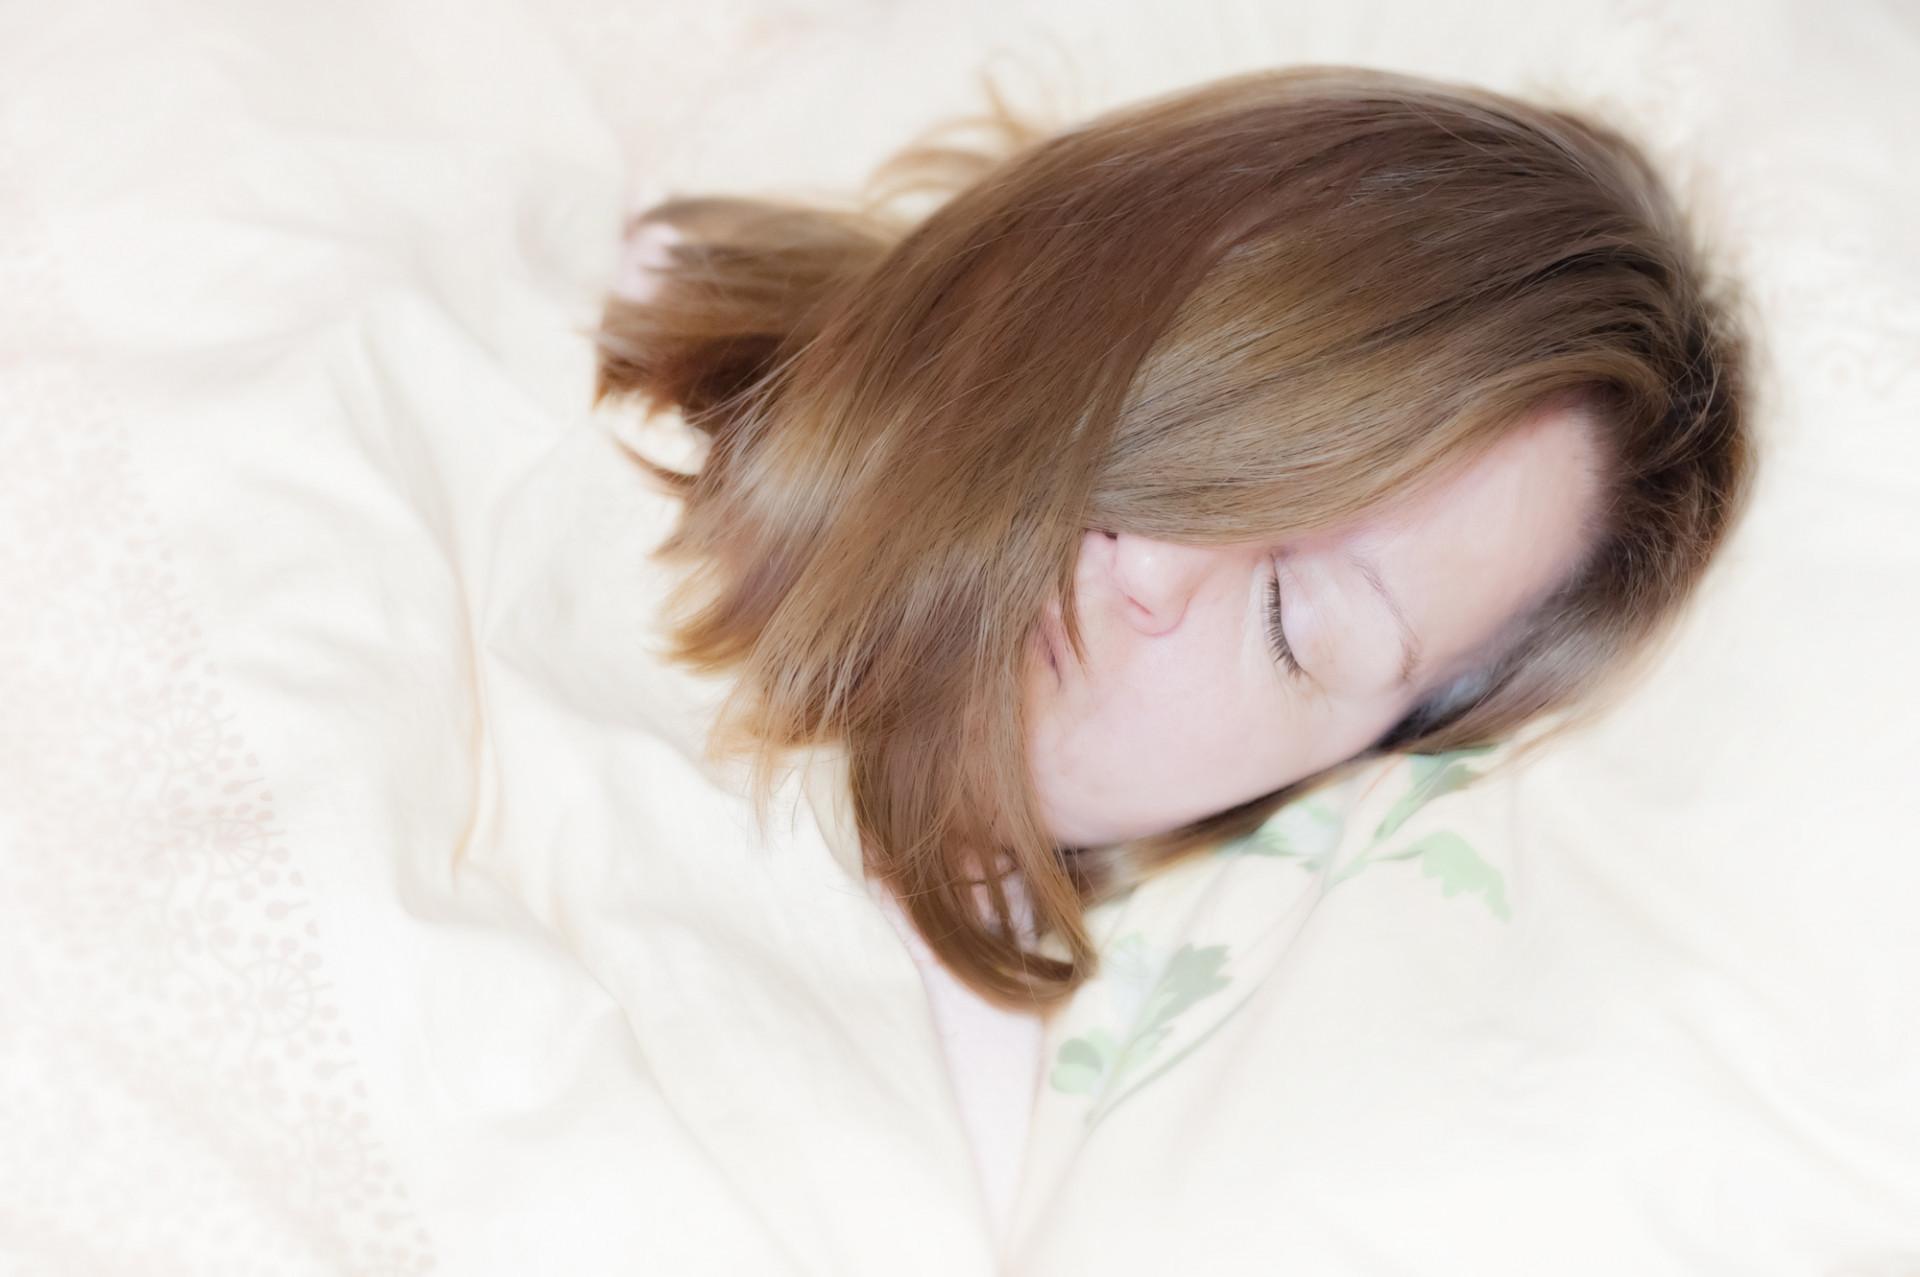 Ученые нашли способ выучить иностранный язык во сне